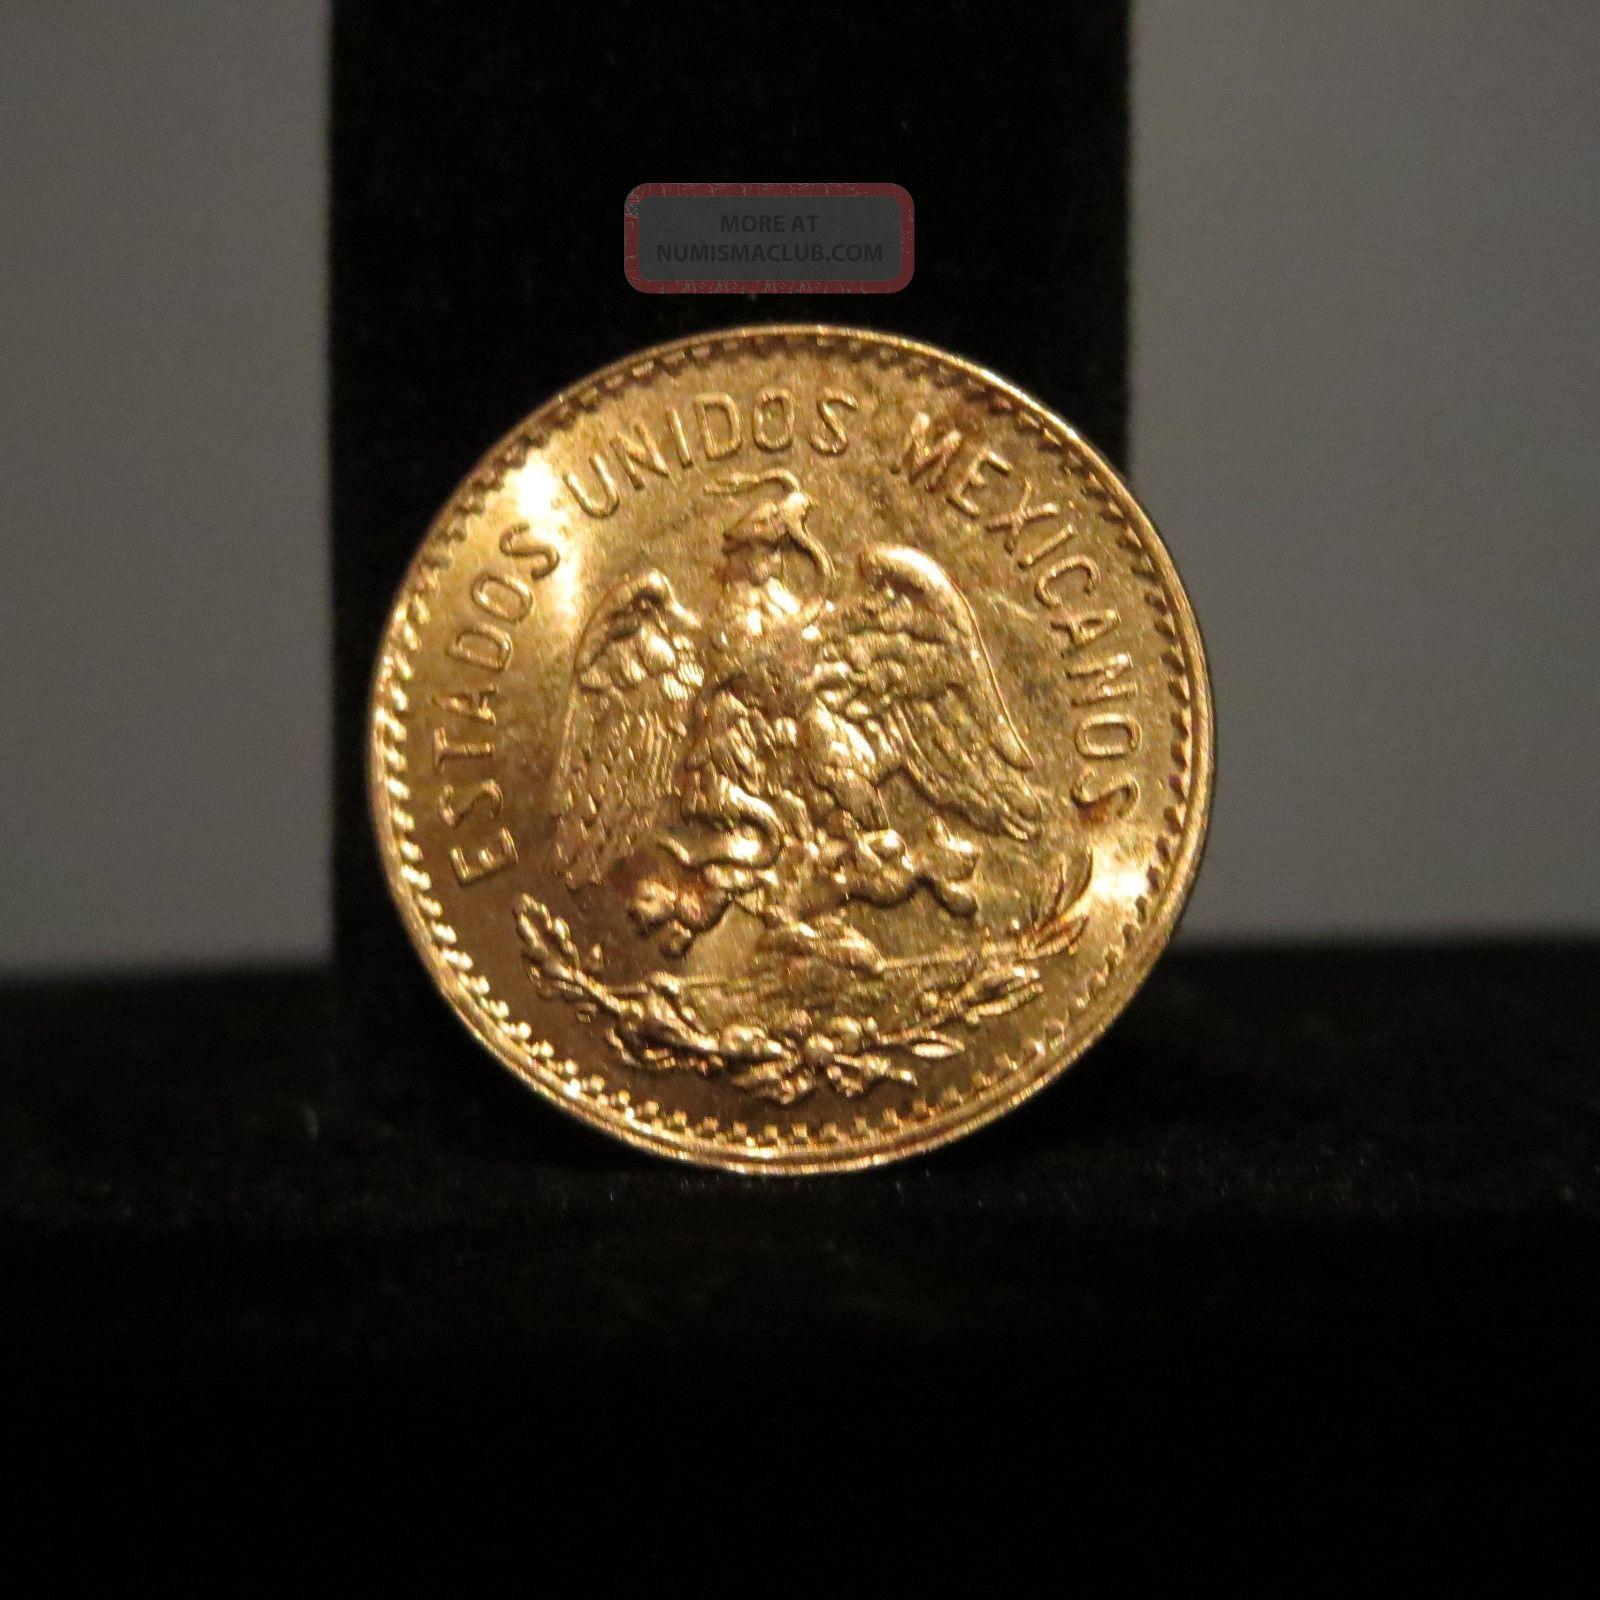 1955 Mexico Gold Cinco 5 Pesos Coin 19mm 4g Vintage